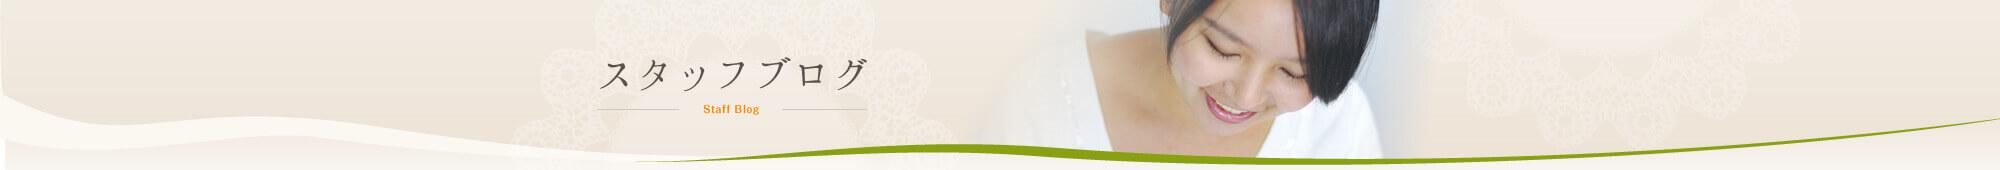 スタッフブログ一覧|楽庵(らくあん)は出張専門のマッサージサロンです。